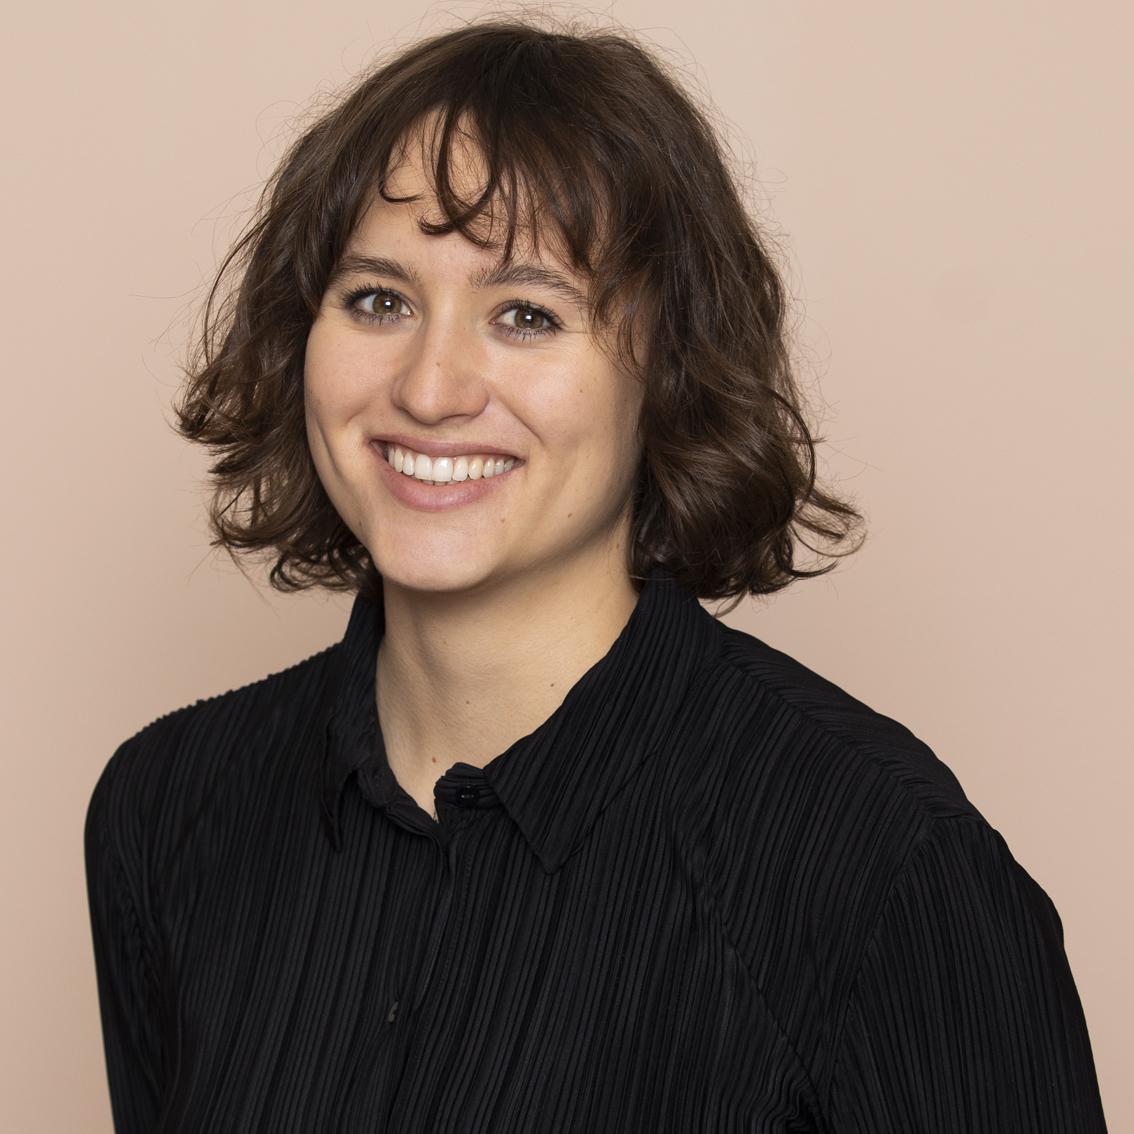 Johanna Hinterholzer